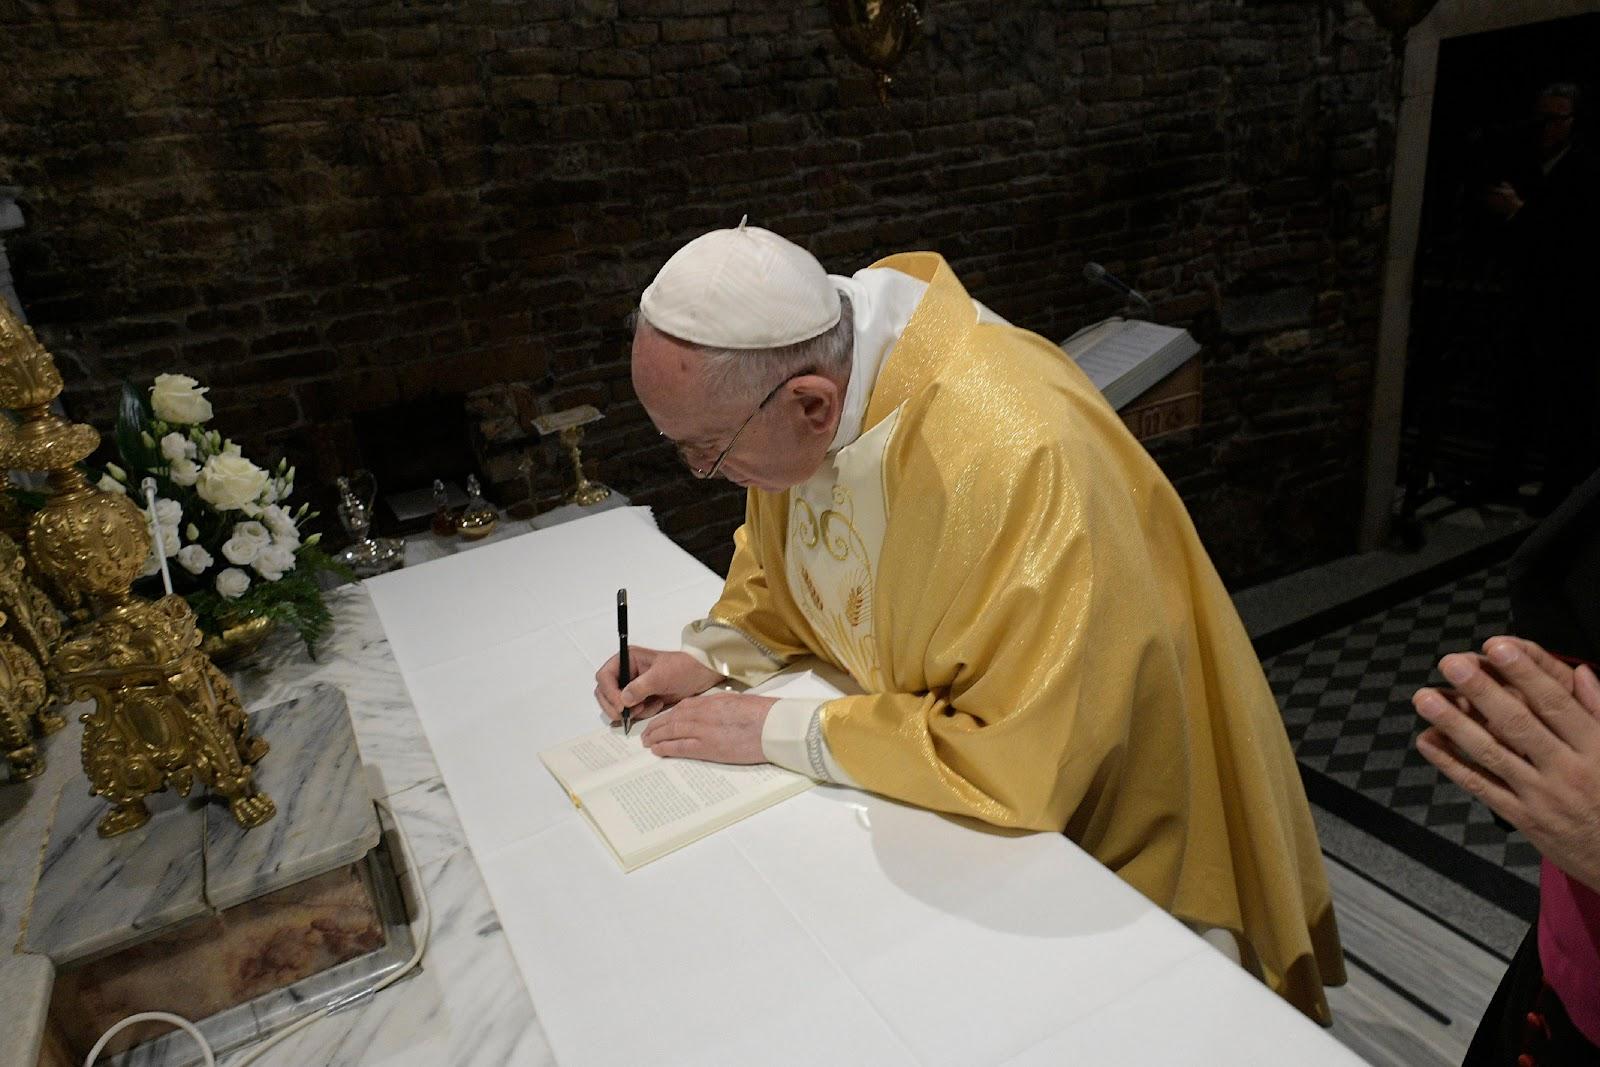 'Christus Vivit' — Văn kiện Hậu Thượng Hội đồng của Đức Thánh Cha Phanxico về Giới trẻ, phát hành ngày 2 tháng Tư, kỷ niệm ngày qua đời của Đức Giáo hoàng Gioan Phaolo II (Toàn văn)